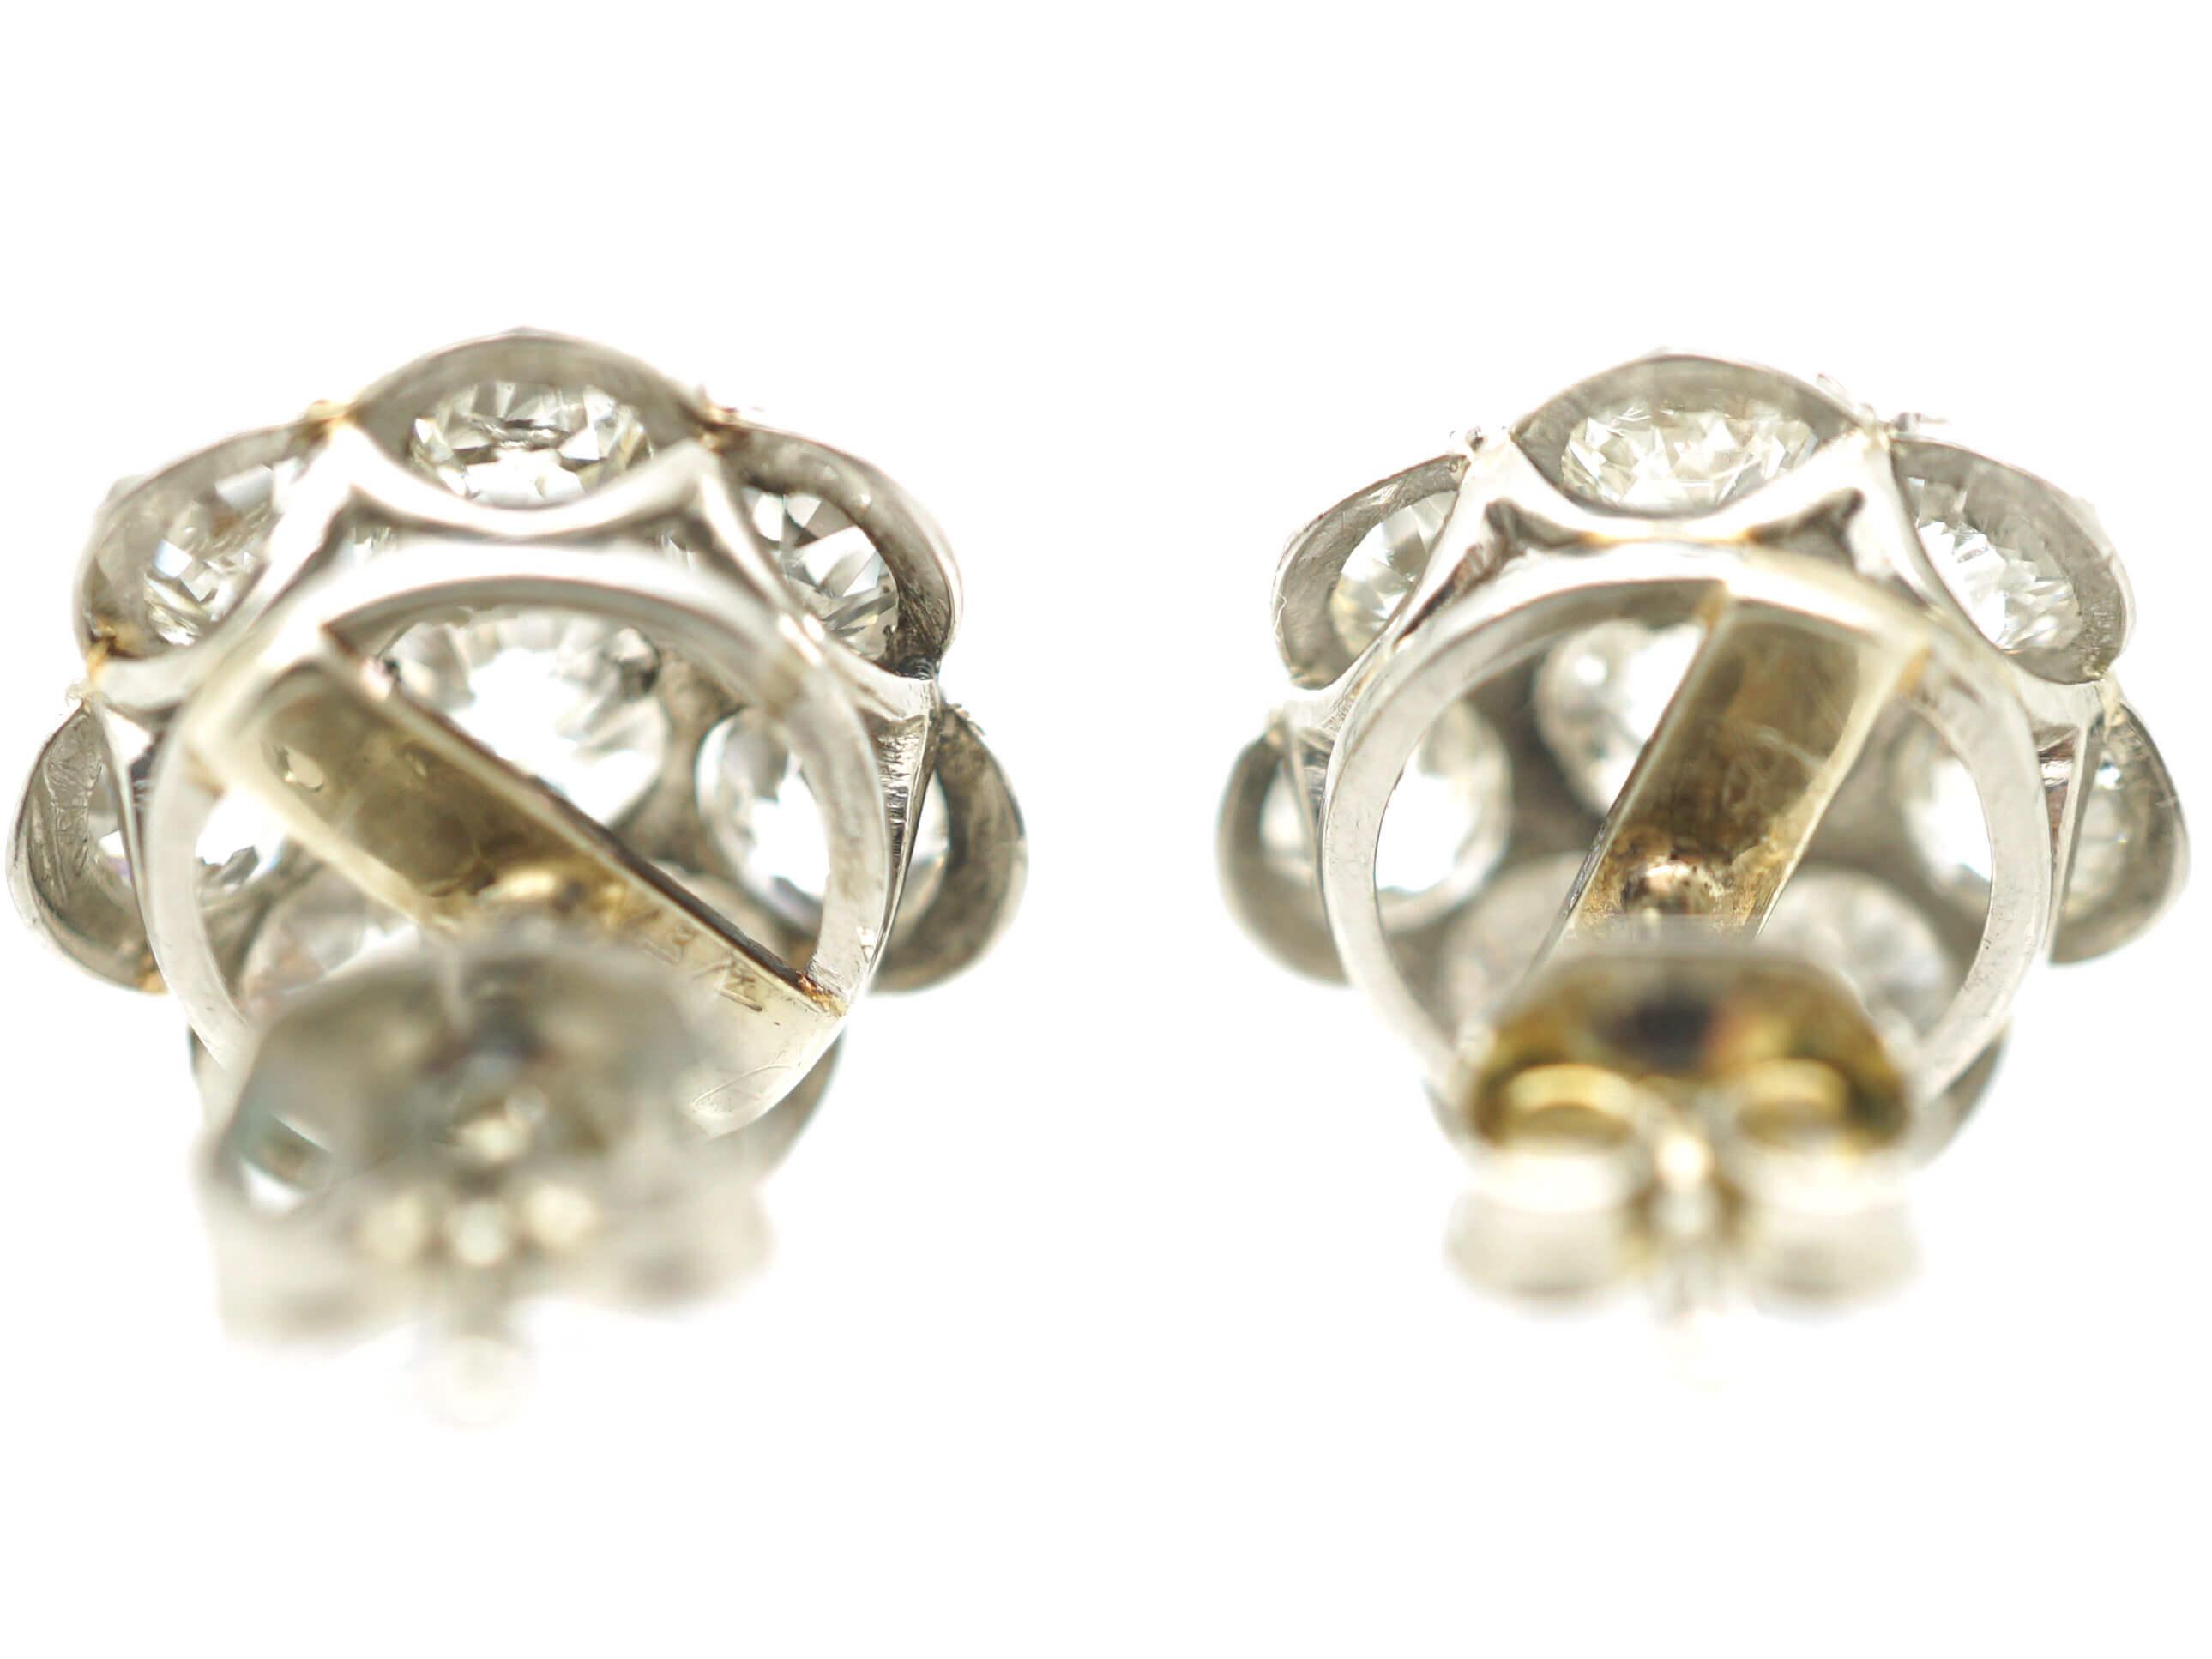 18ct White Gold Diamond Cluster Earrings